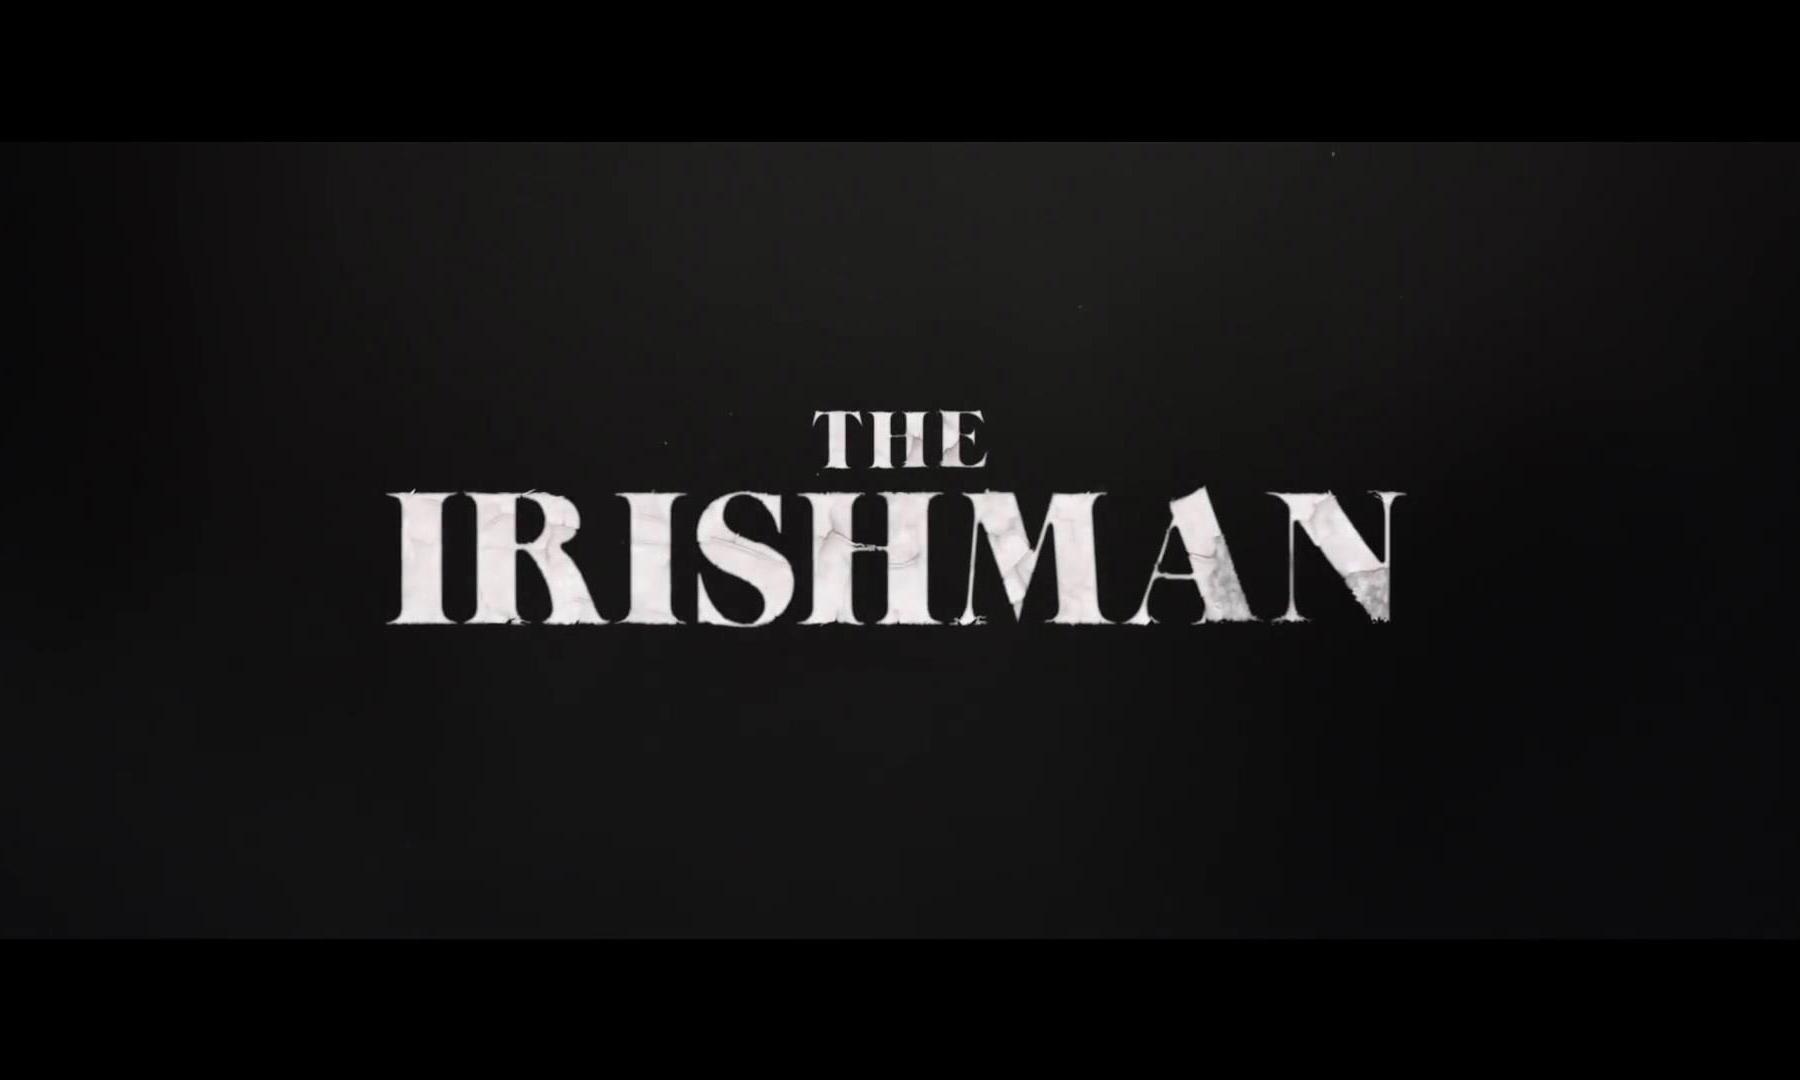 马丁·斯科塞斯执导,Netflix 年度力作《爱尔兰人》先导预告片释出